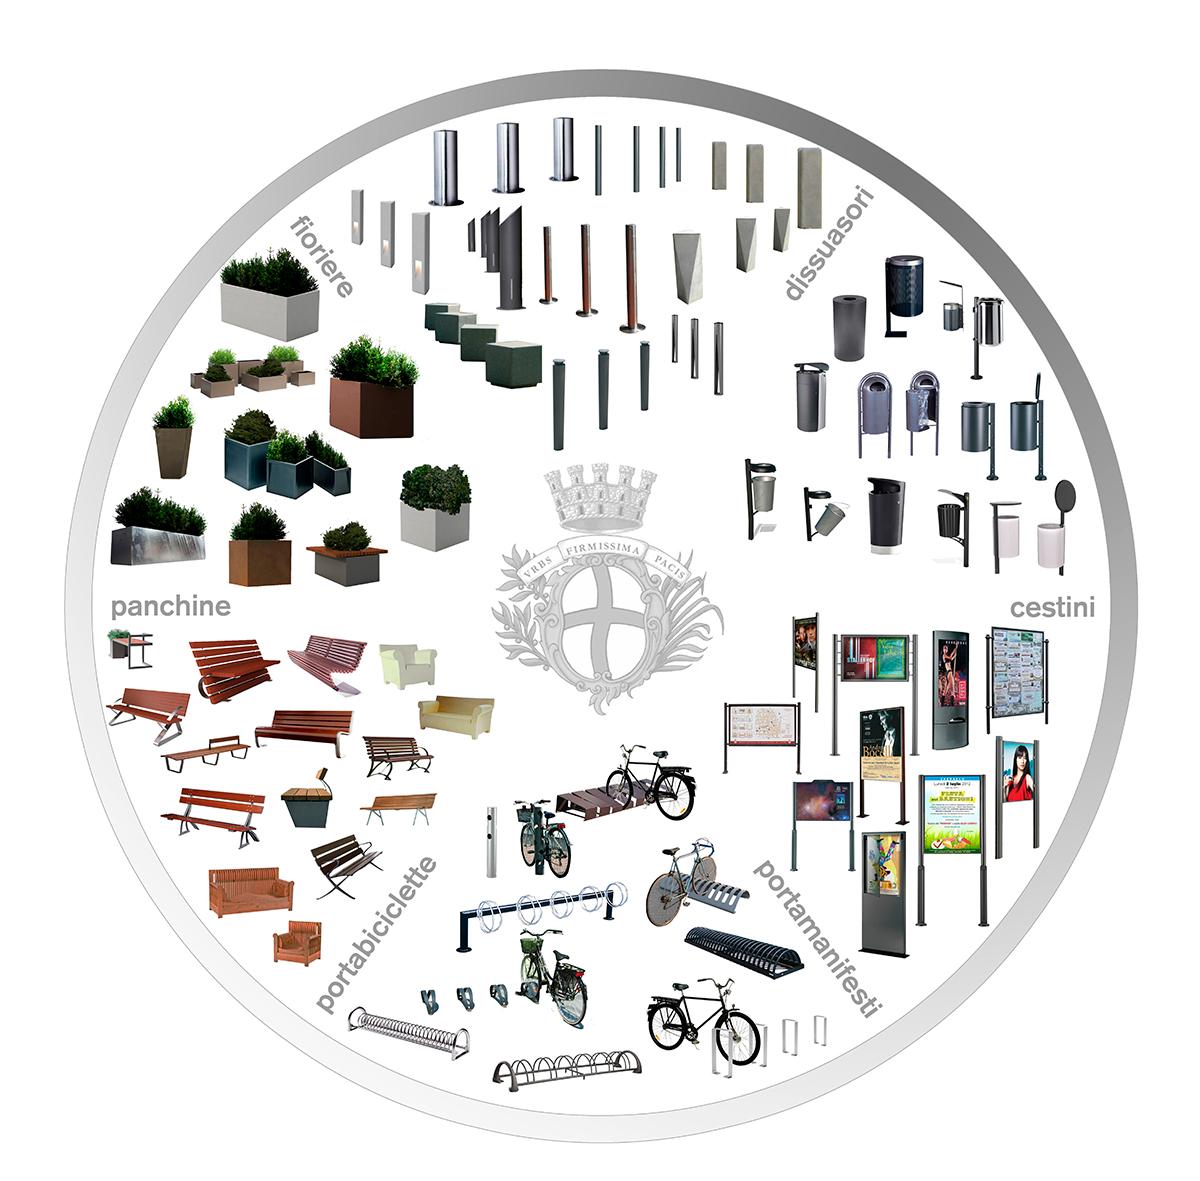 DAR-Architettura_Piano-dell_arredo-urbano08